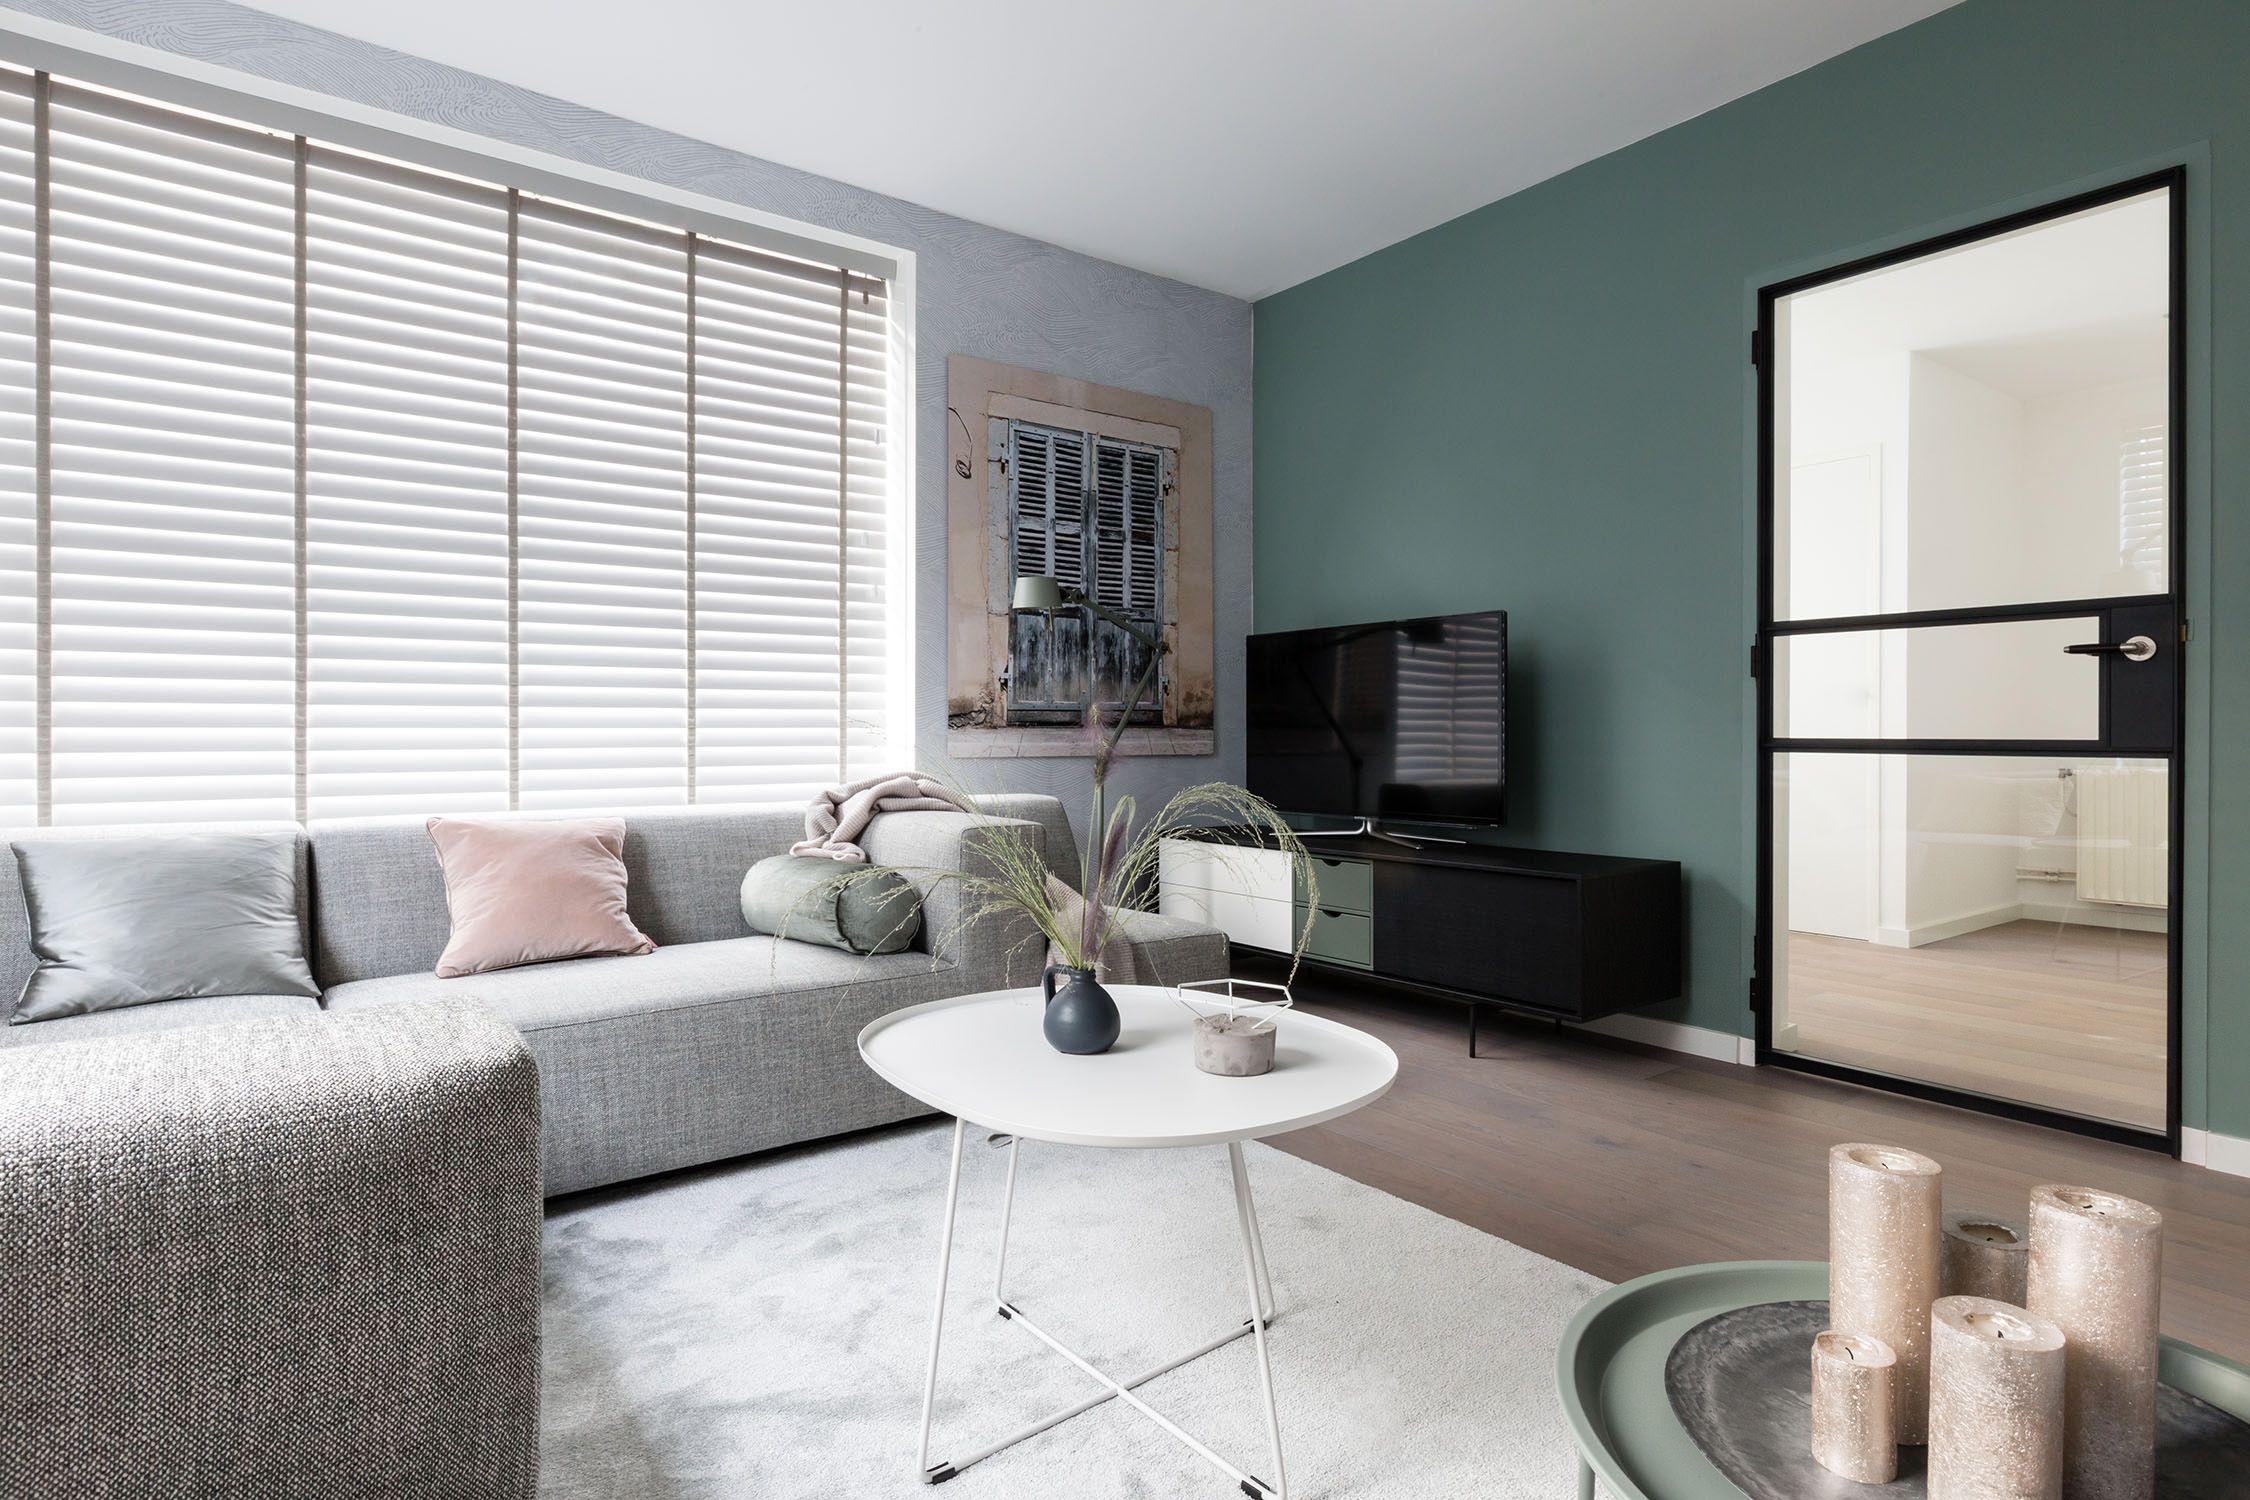 Schommel In Huis : Grijze jasno blinds in vtwonen weer verliefd op je huis jasno